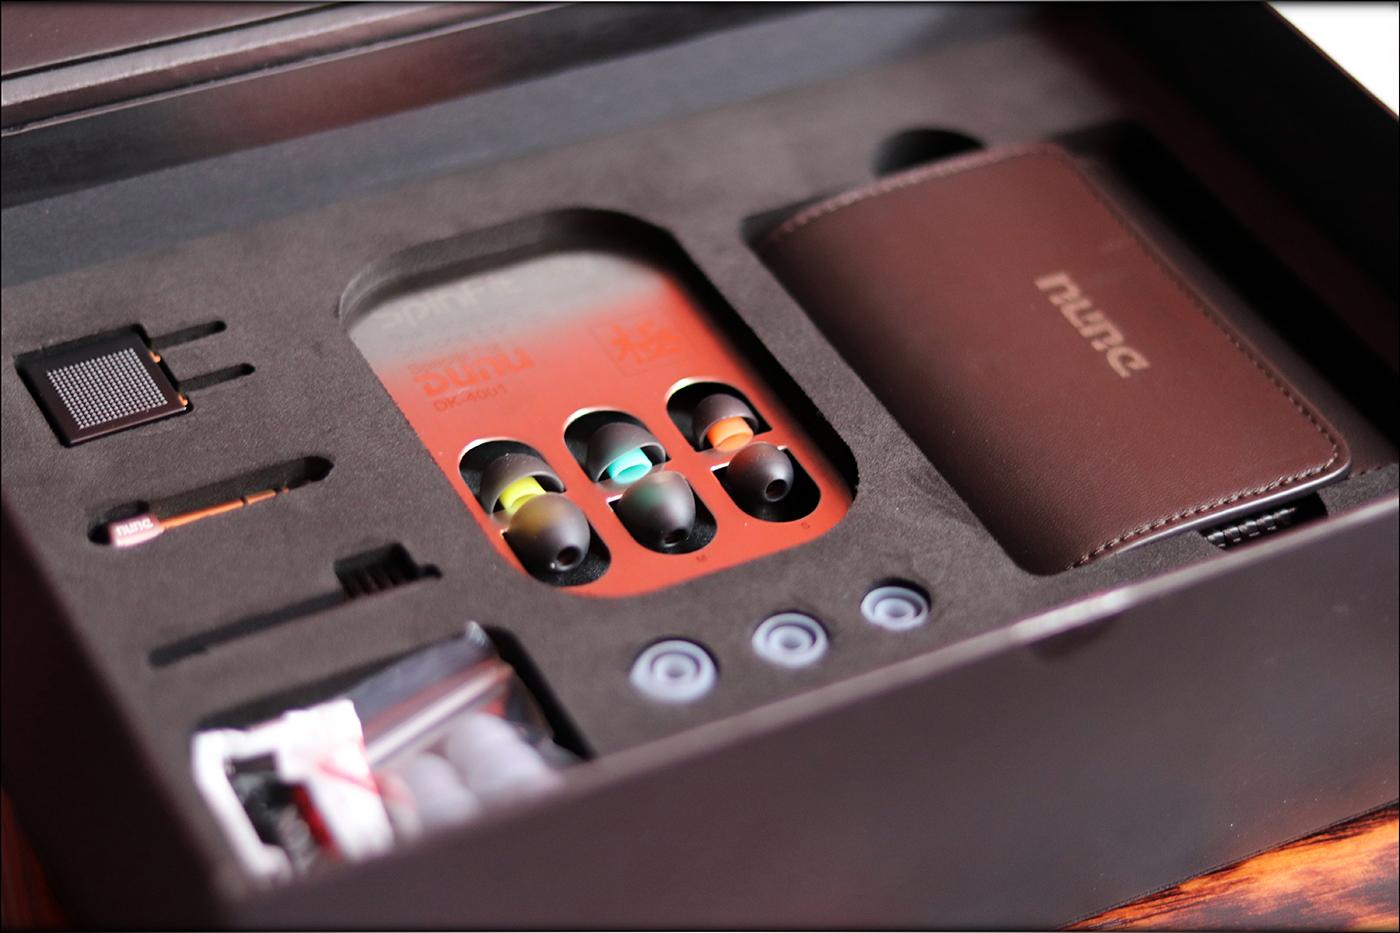 Dunu-DK-4001-Hybrid-Dynamic-BA-IEMs-Earphones-Be-Audiophile-Heaven-Review-08.jpg